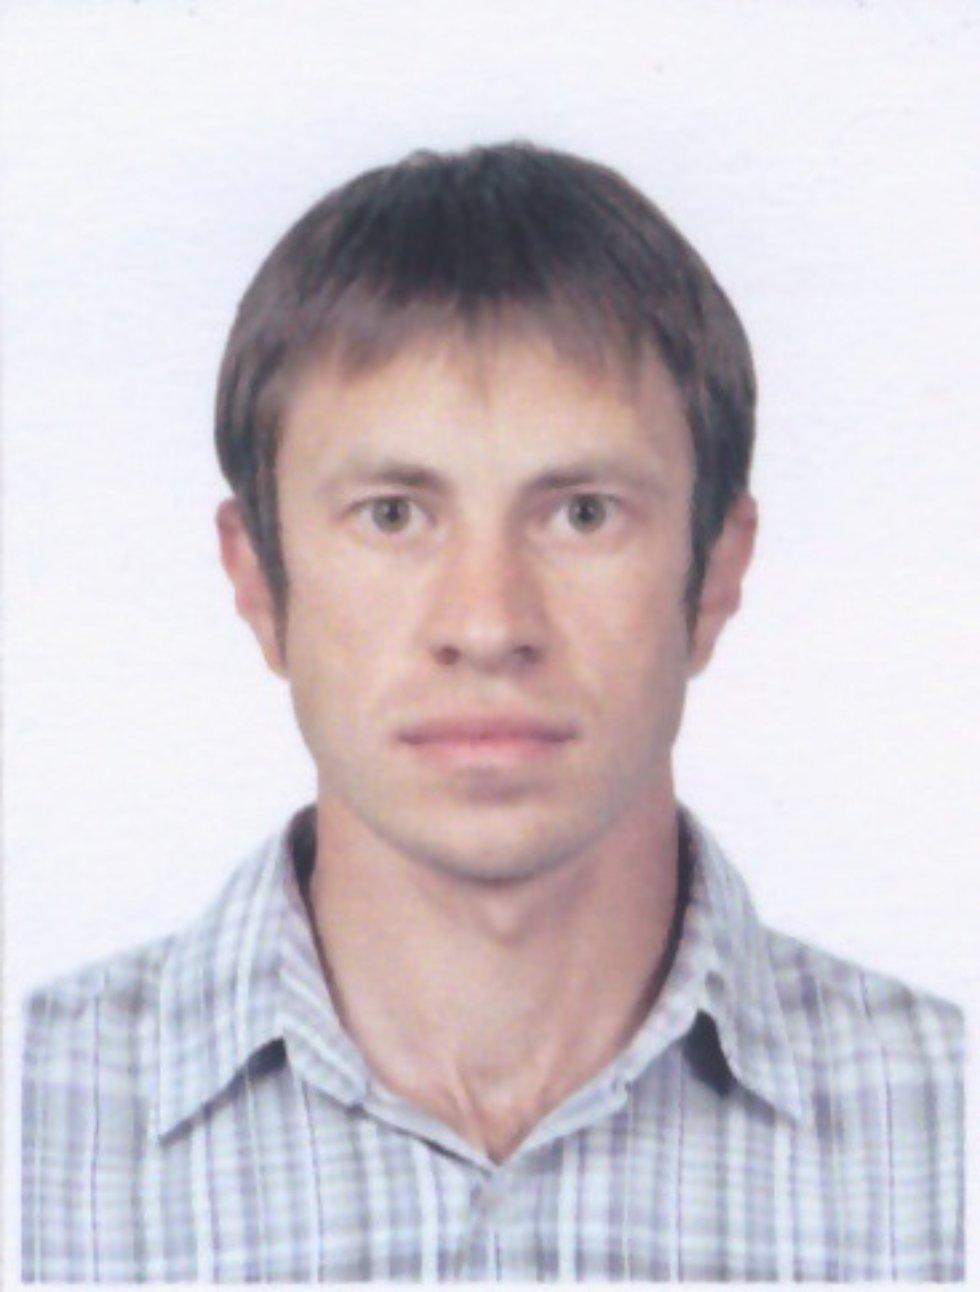 Головачев Артем Михайлович